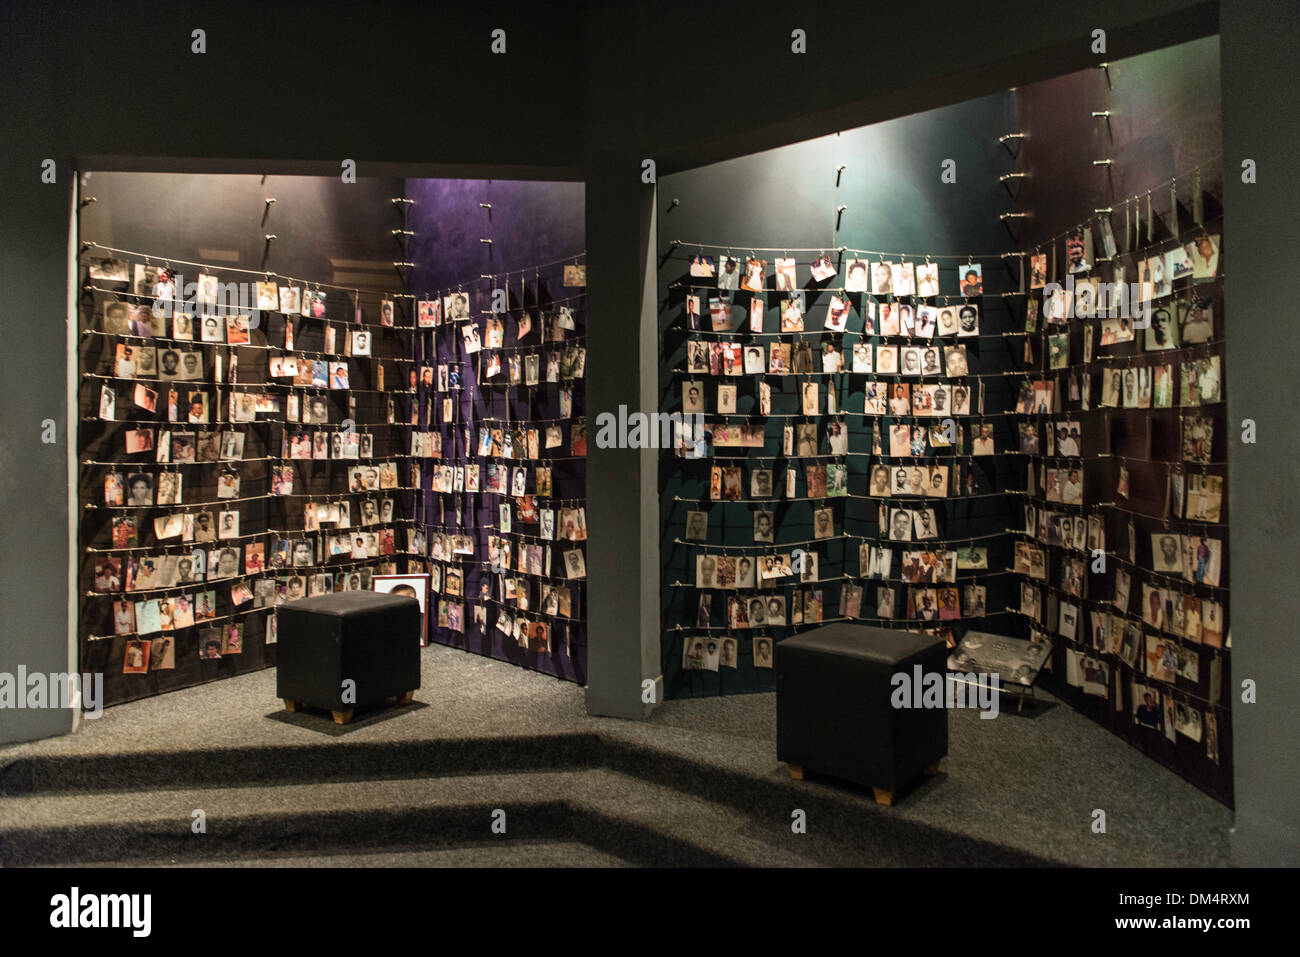 Kigali Genocide Memorial Centre Rwanda Africa - Stock Image